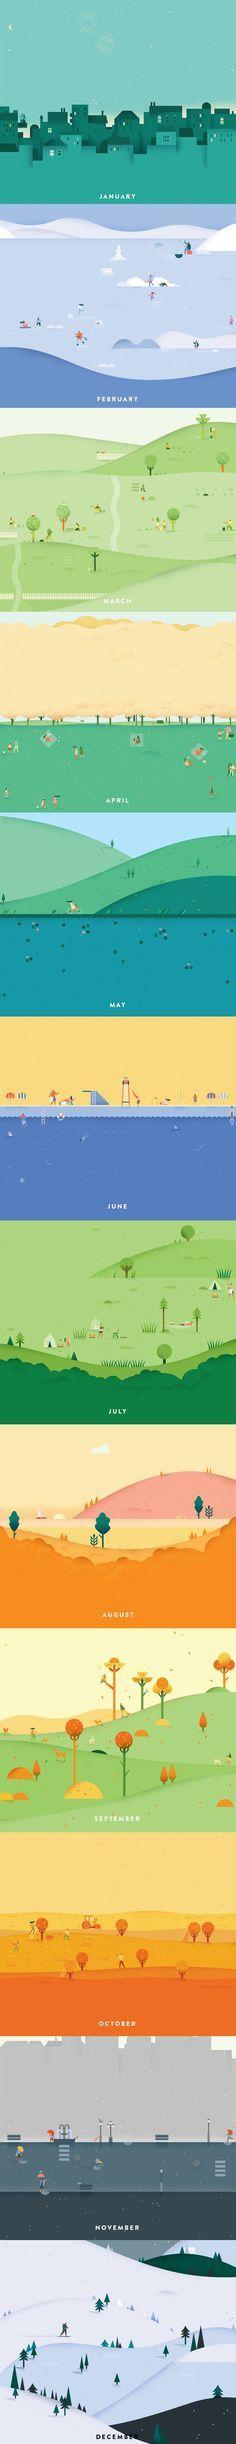 Google Calendar Header Illustrations by Lotta Nieminen - wp.me/p1RVRY-fYF